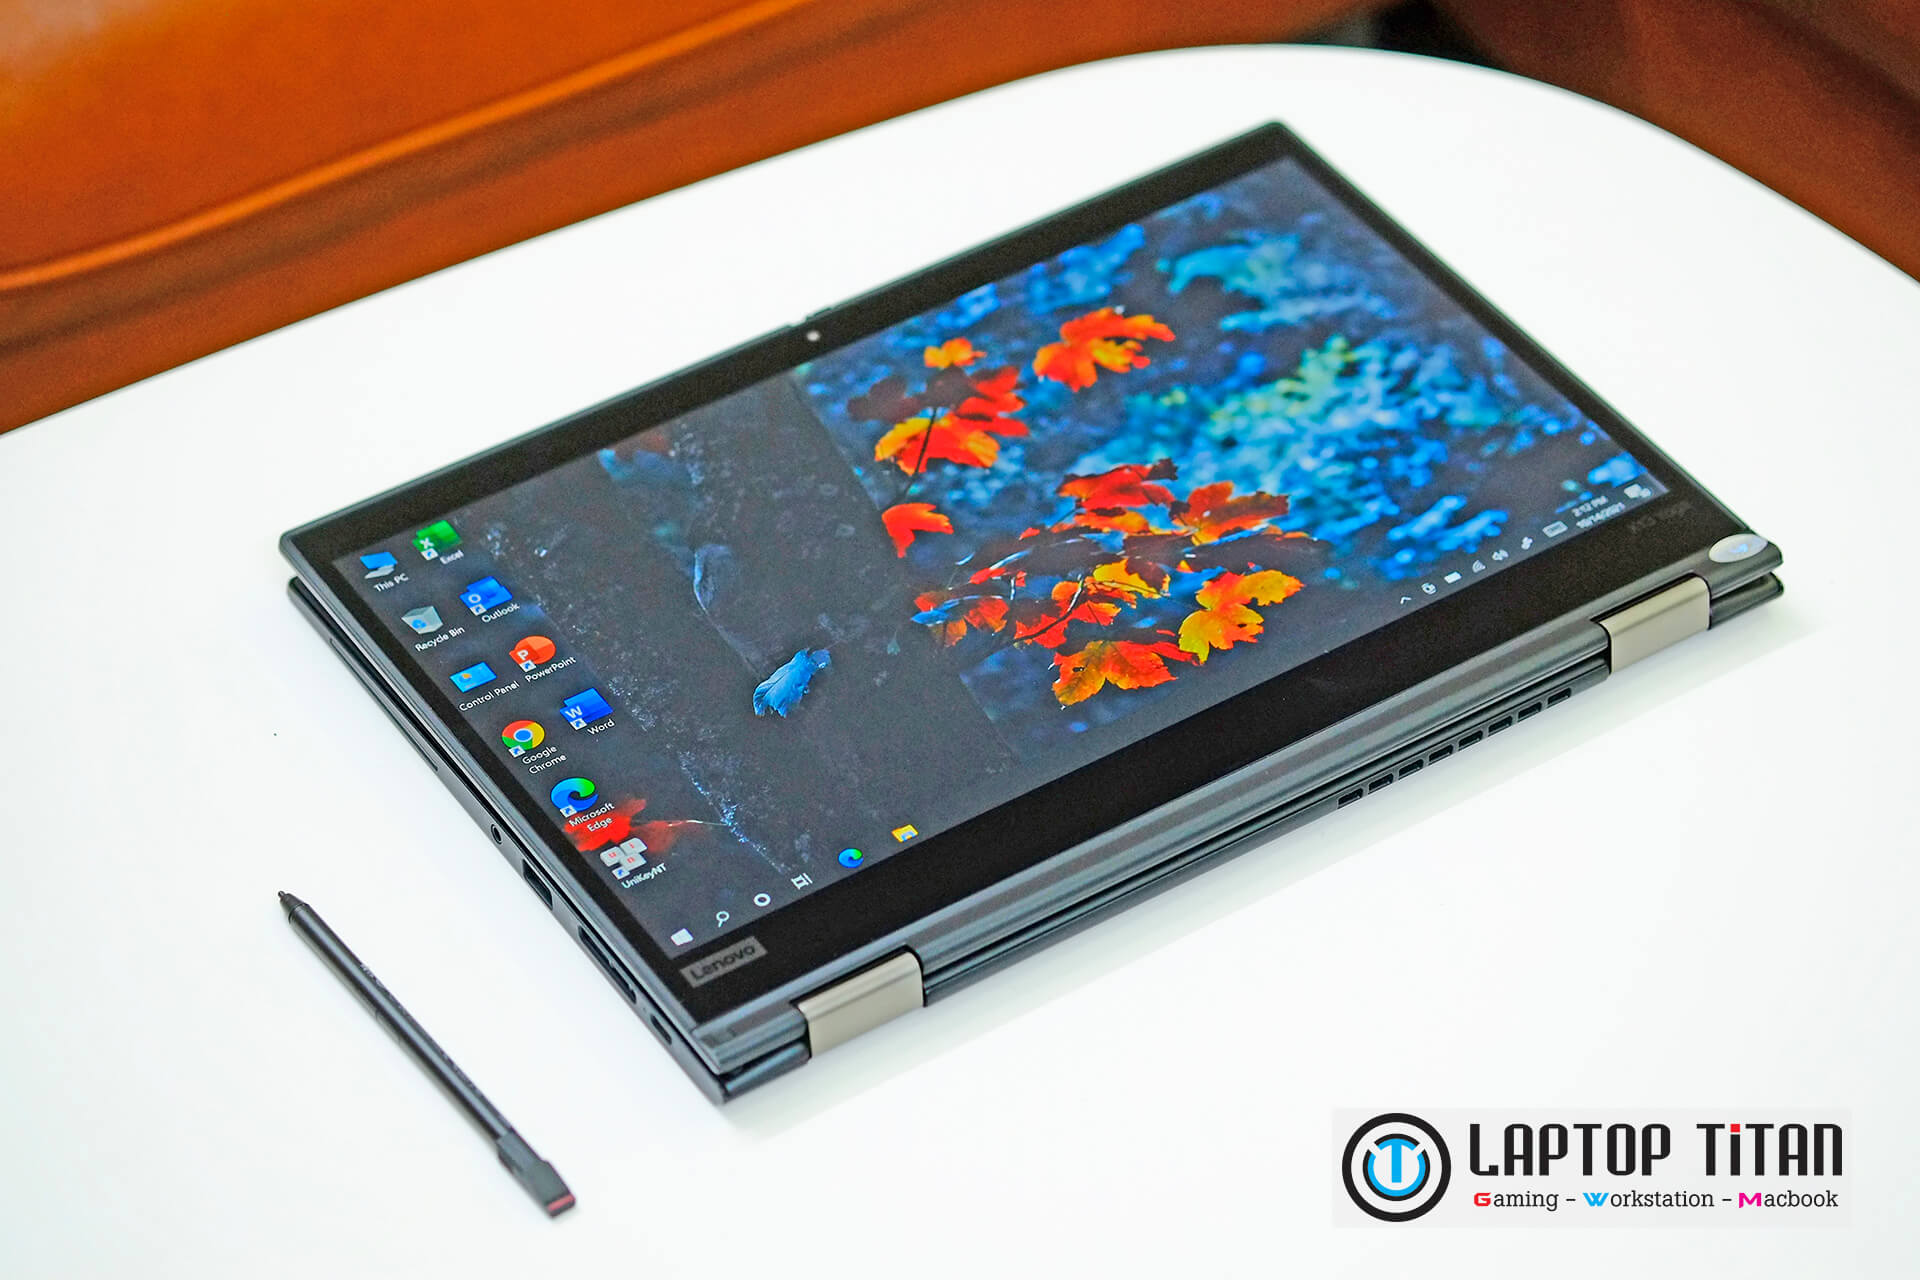 Lenovo Thinkpad X13 Yoga Laptoptitan 08